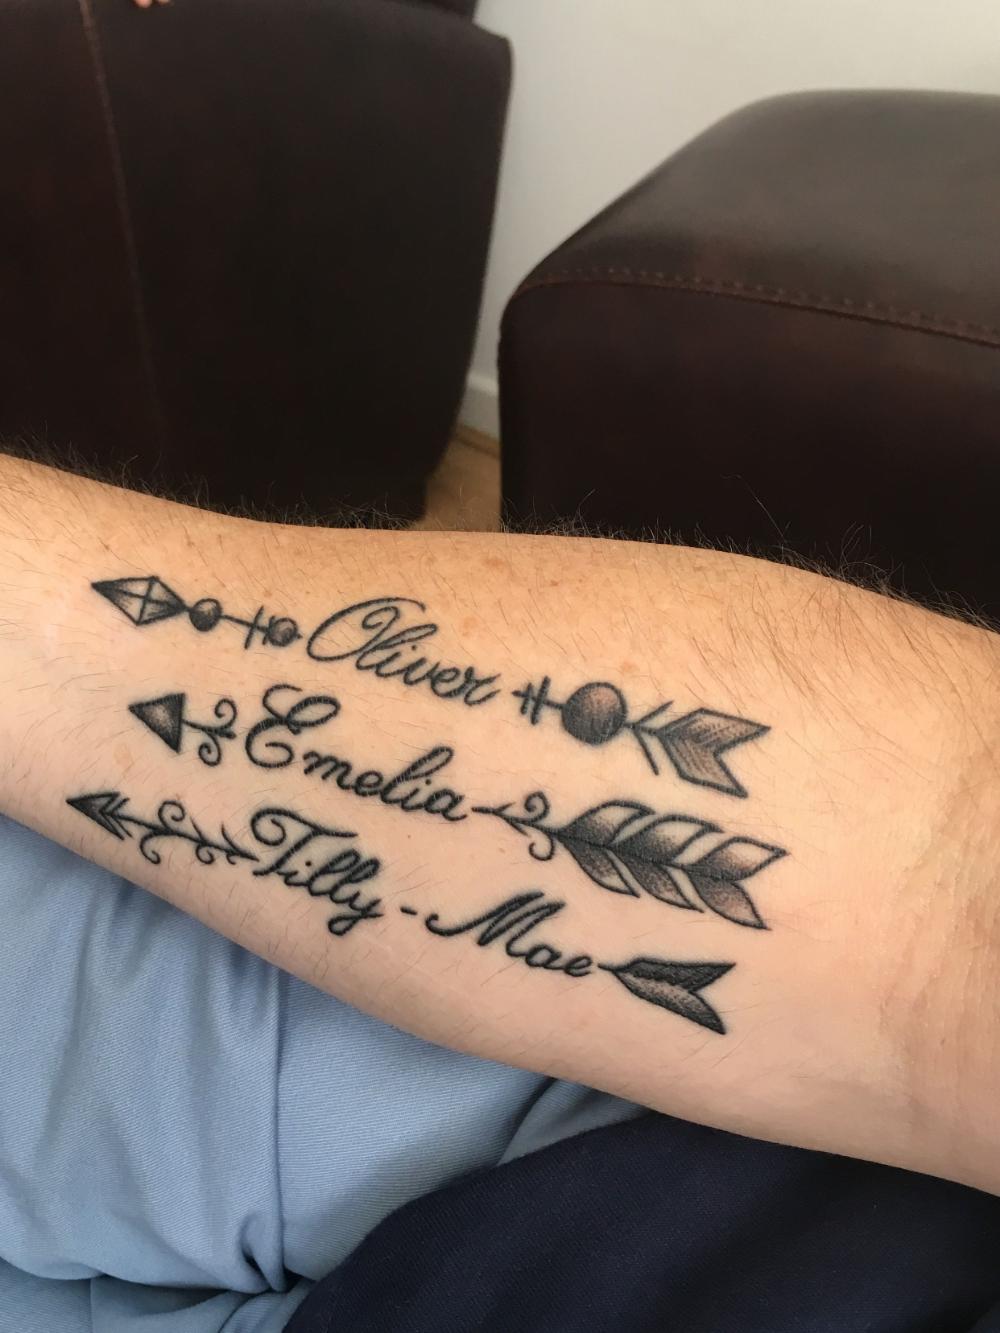 Tattoos Ideas Childrens Tattoo Ideas Tattoos For Kids Tattoos For Daughters Tattoos With Kids Names